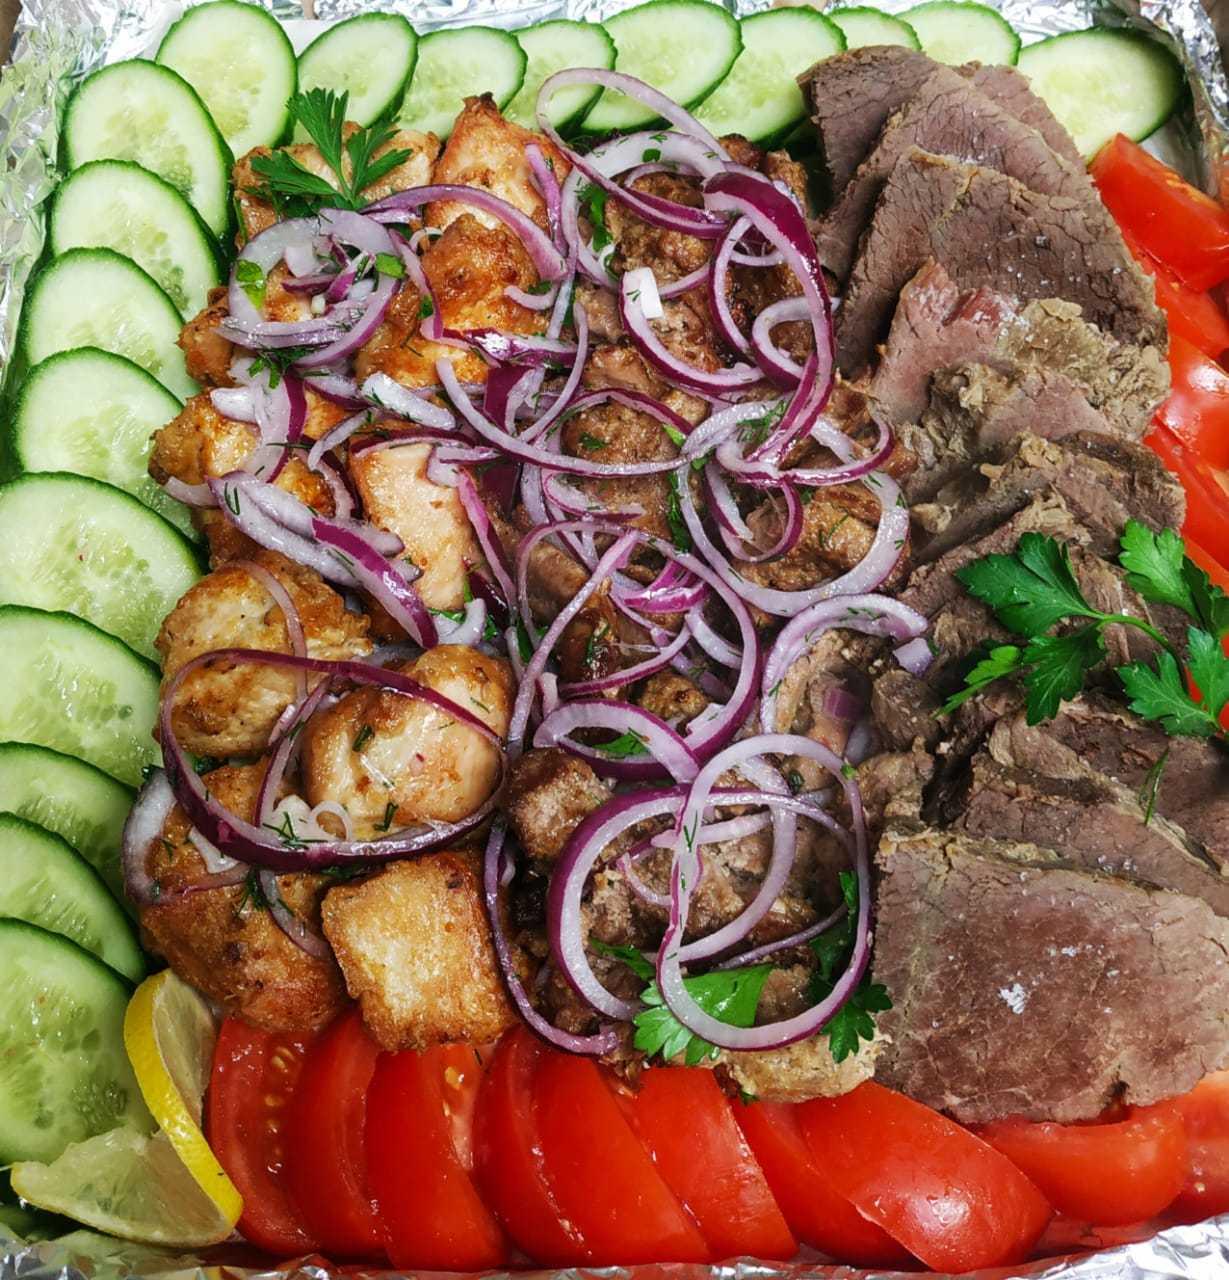 что одна блюда осетинской кухни с фото честно, сильно представляю